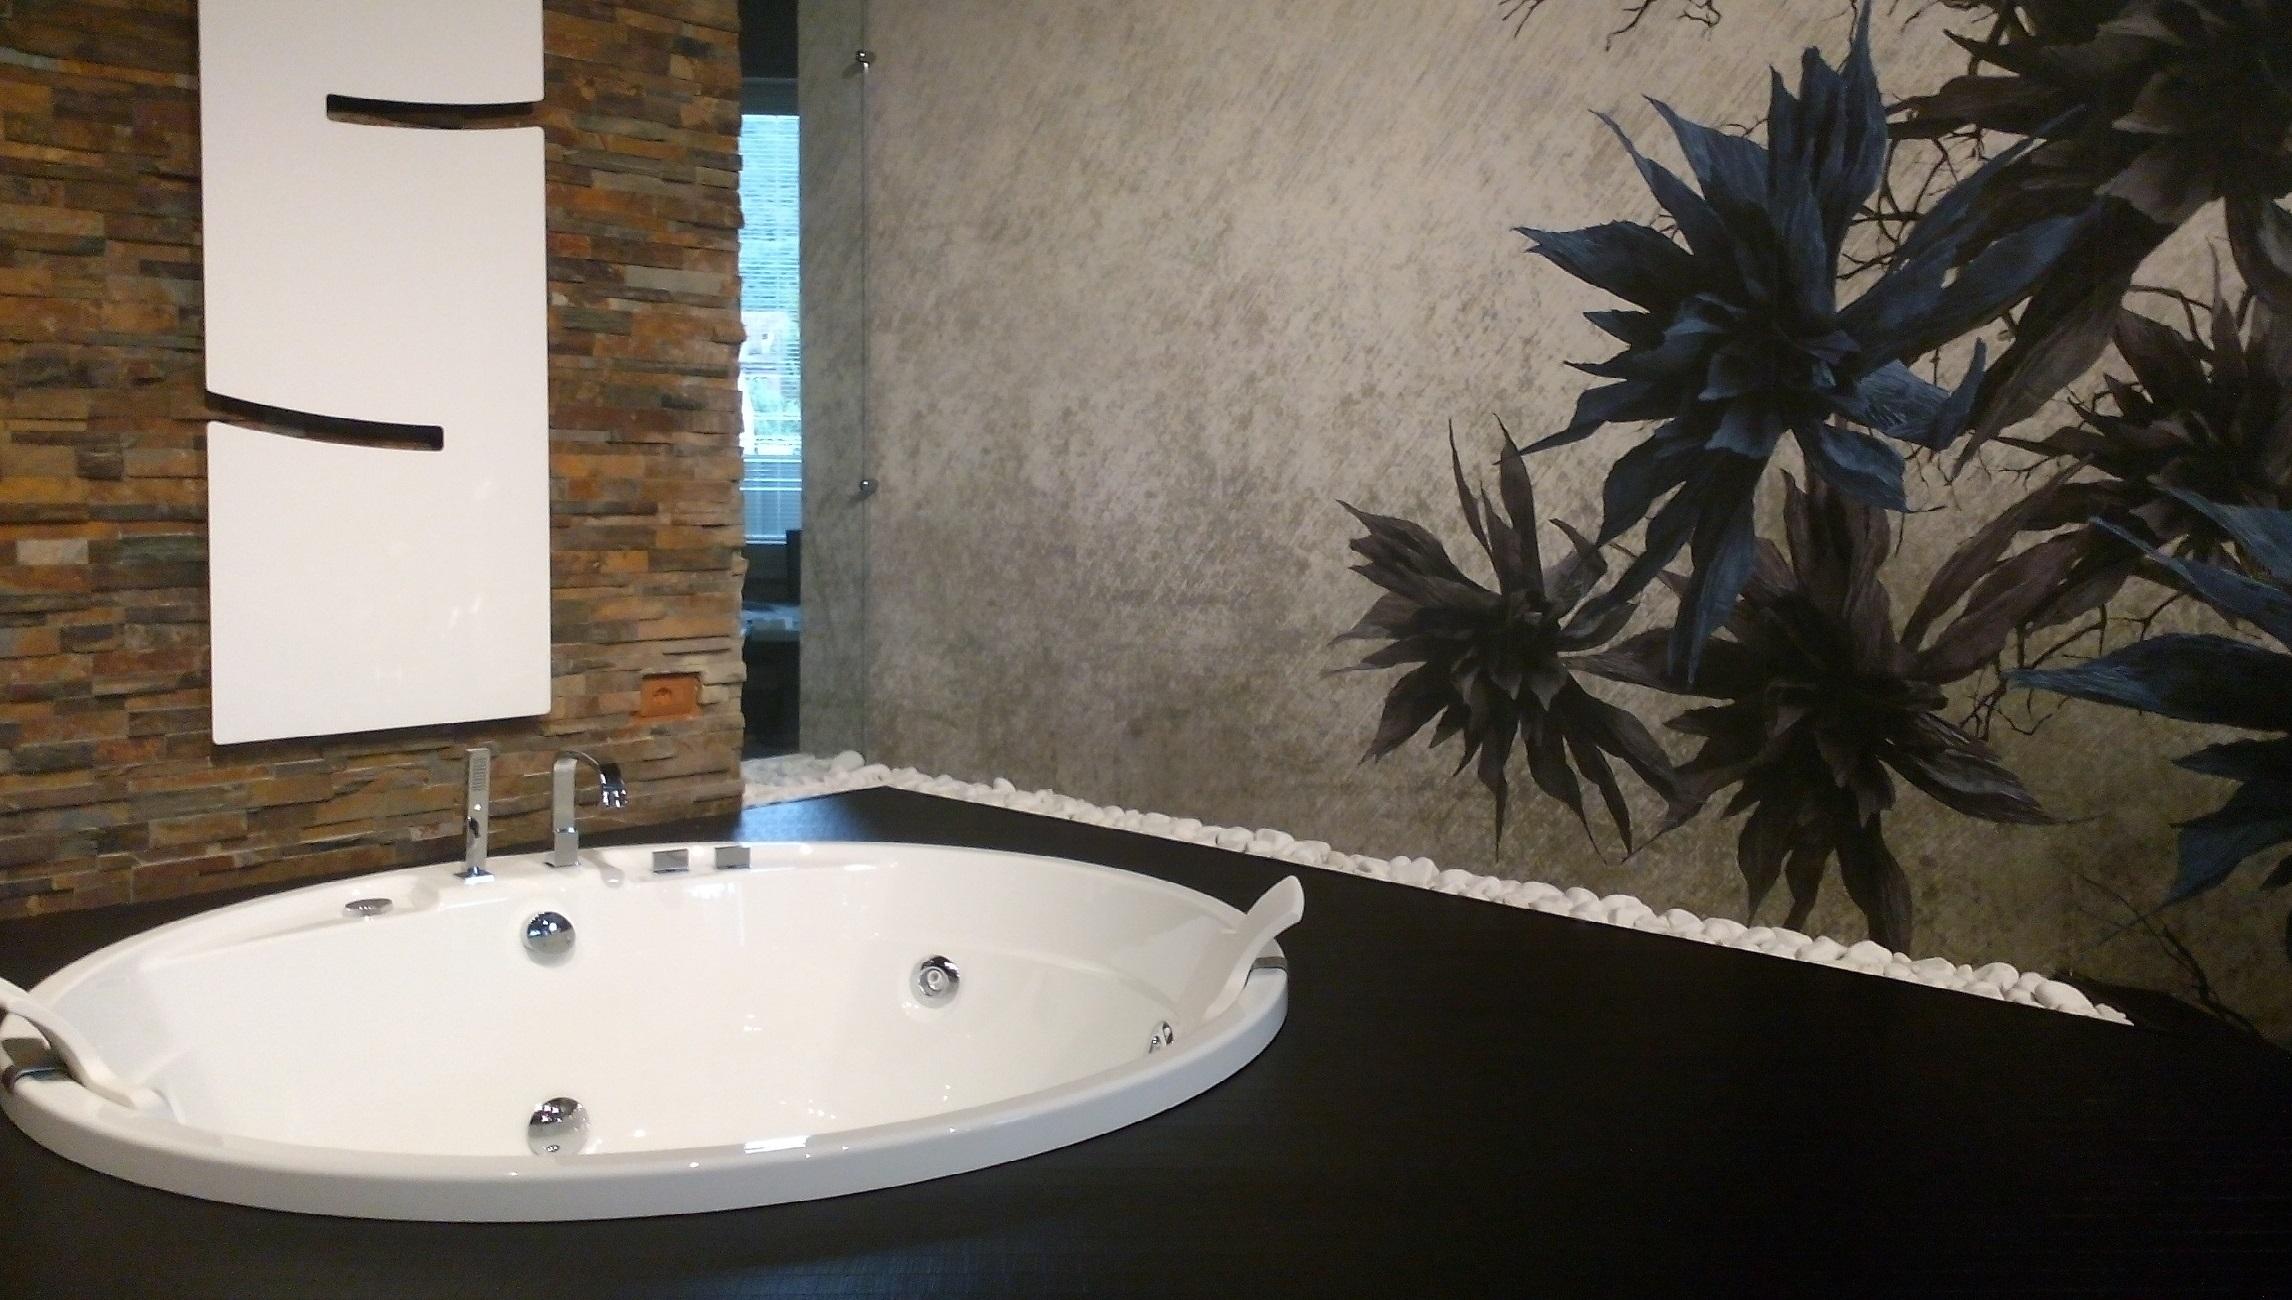 VICANO floor & wall materials: